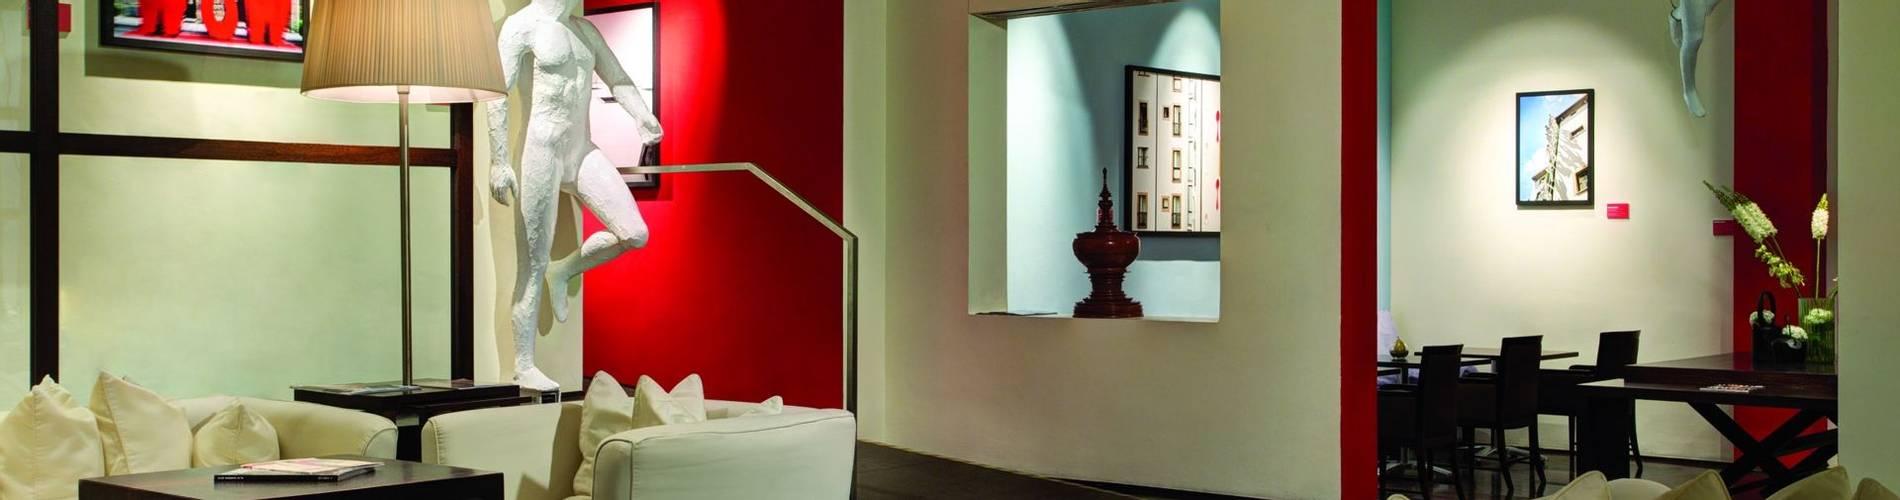 Gallery Art Hotel, Tuscany, Italy (23).JPG